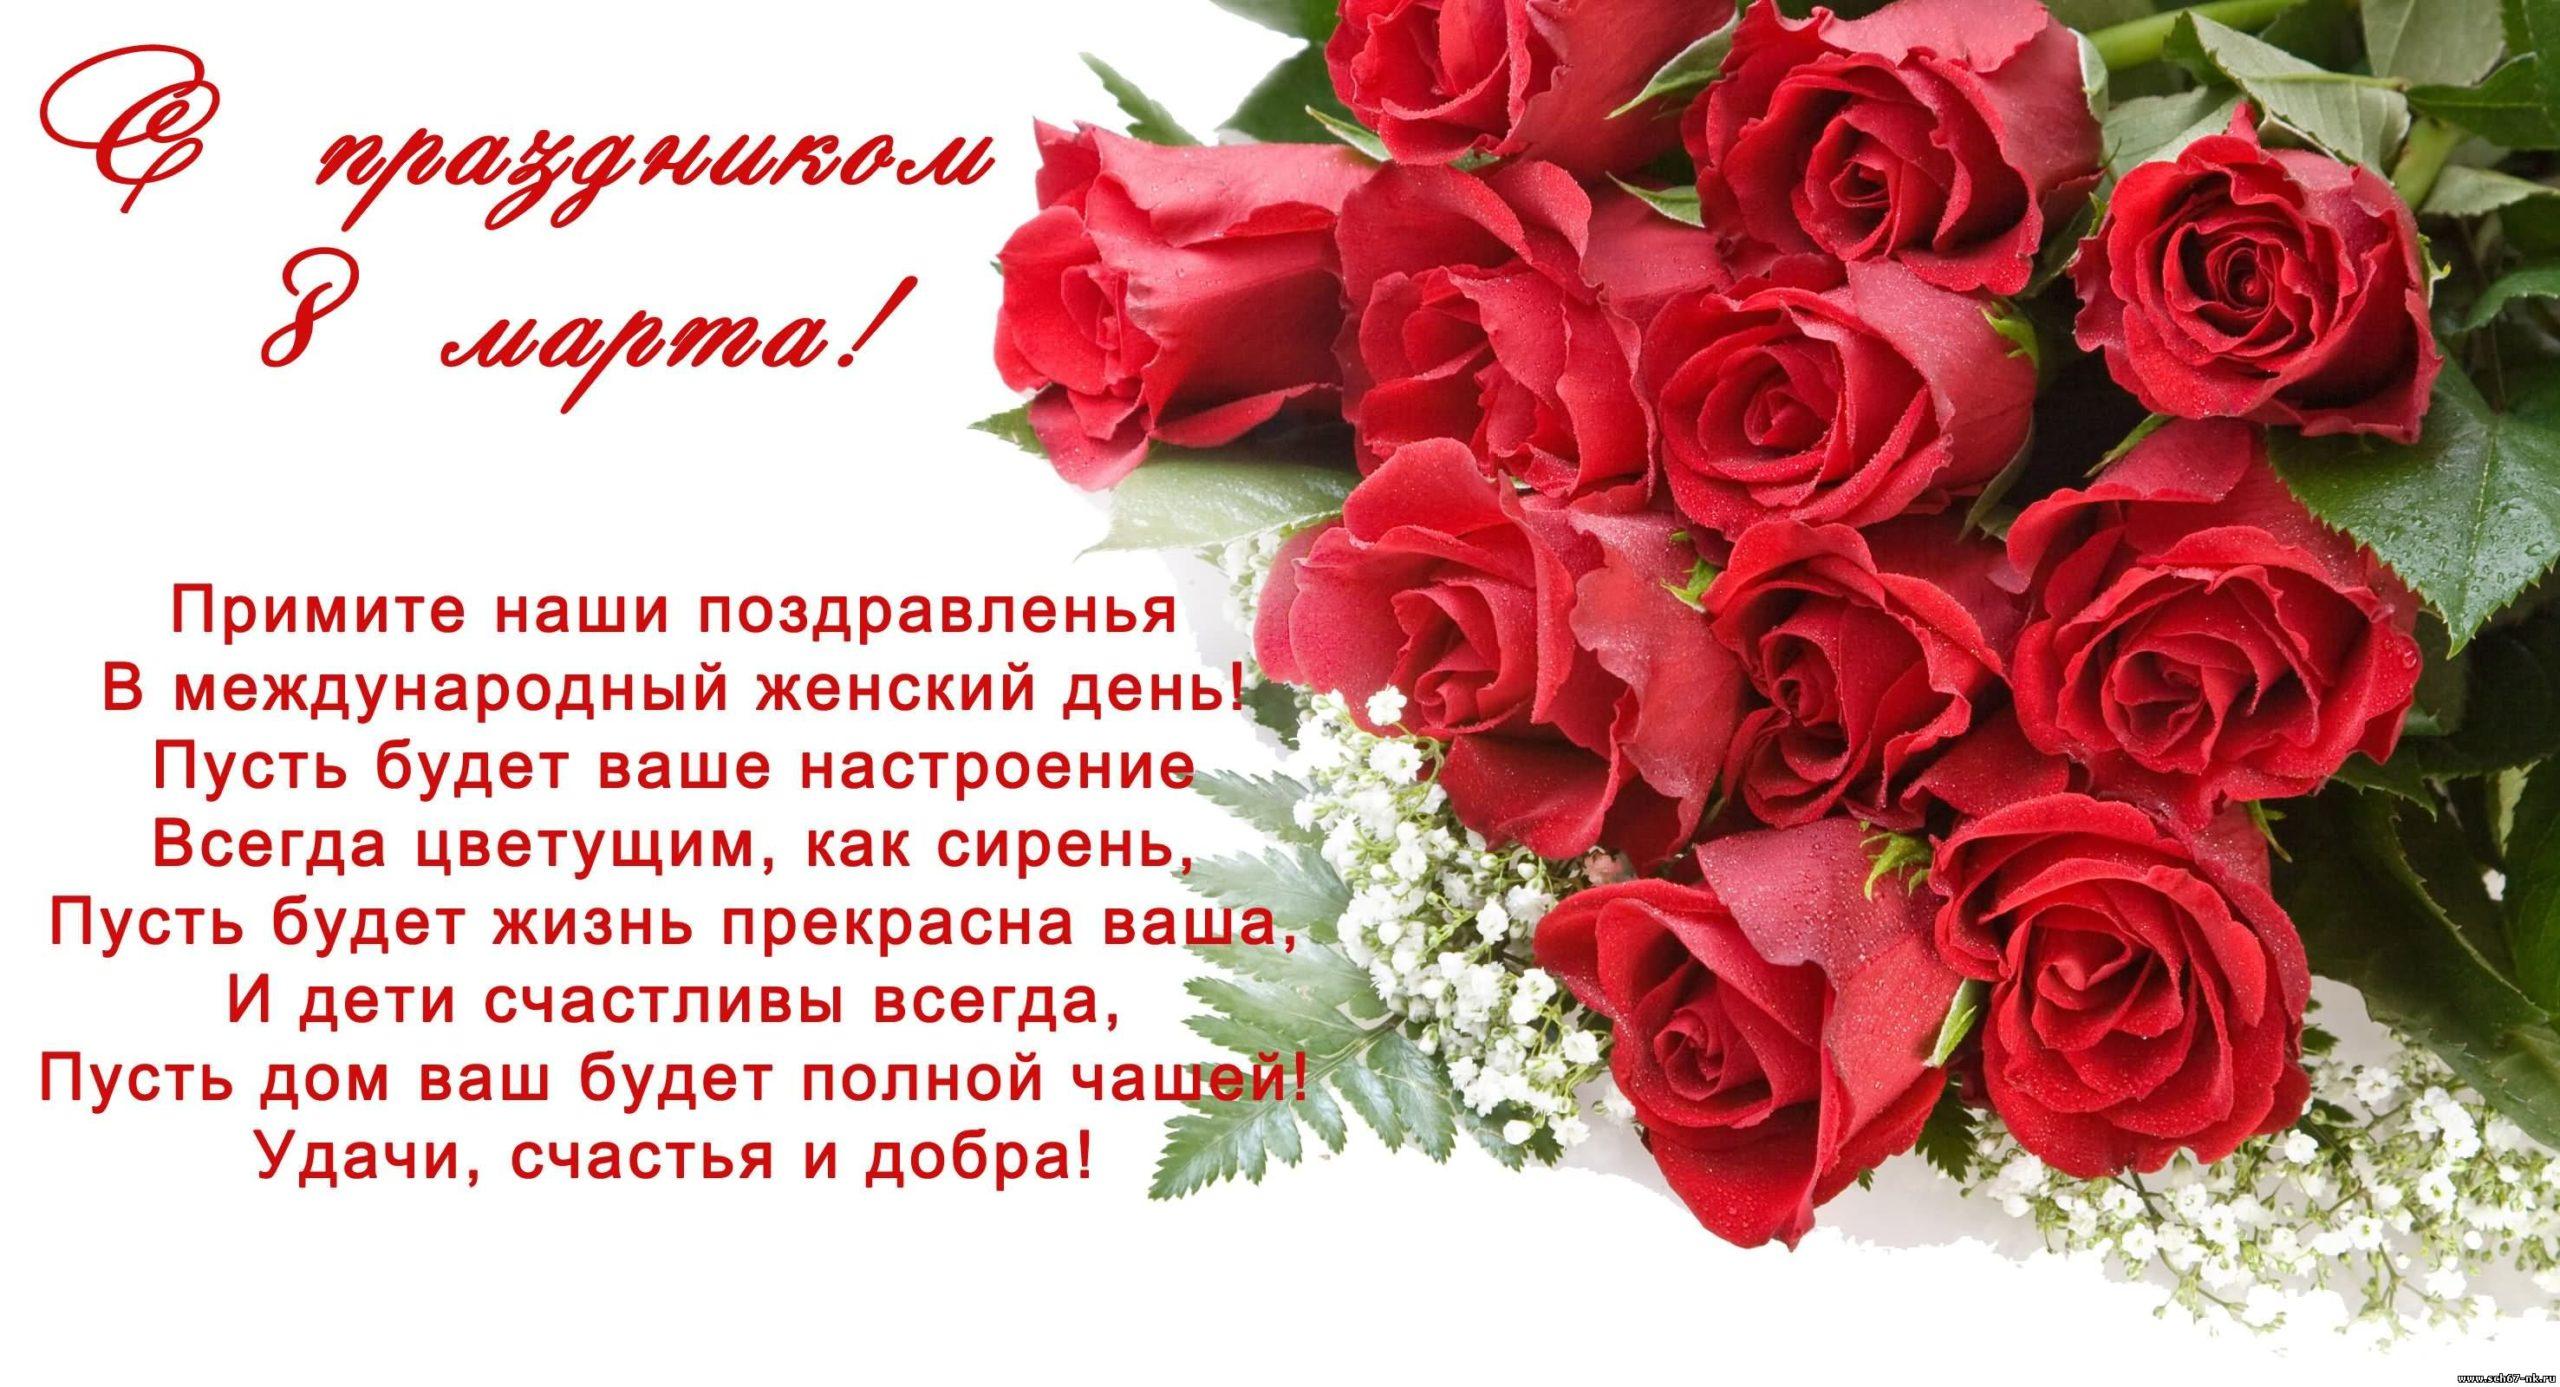 Сердечно поздравляем всех женщин с Днем 8 марта!